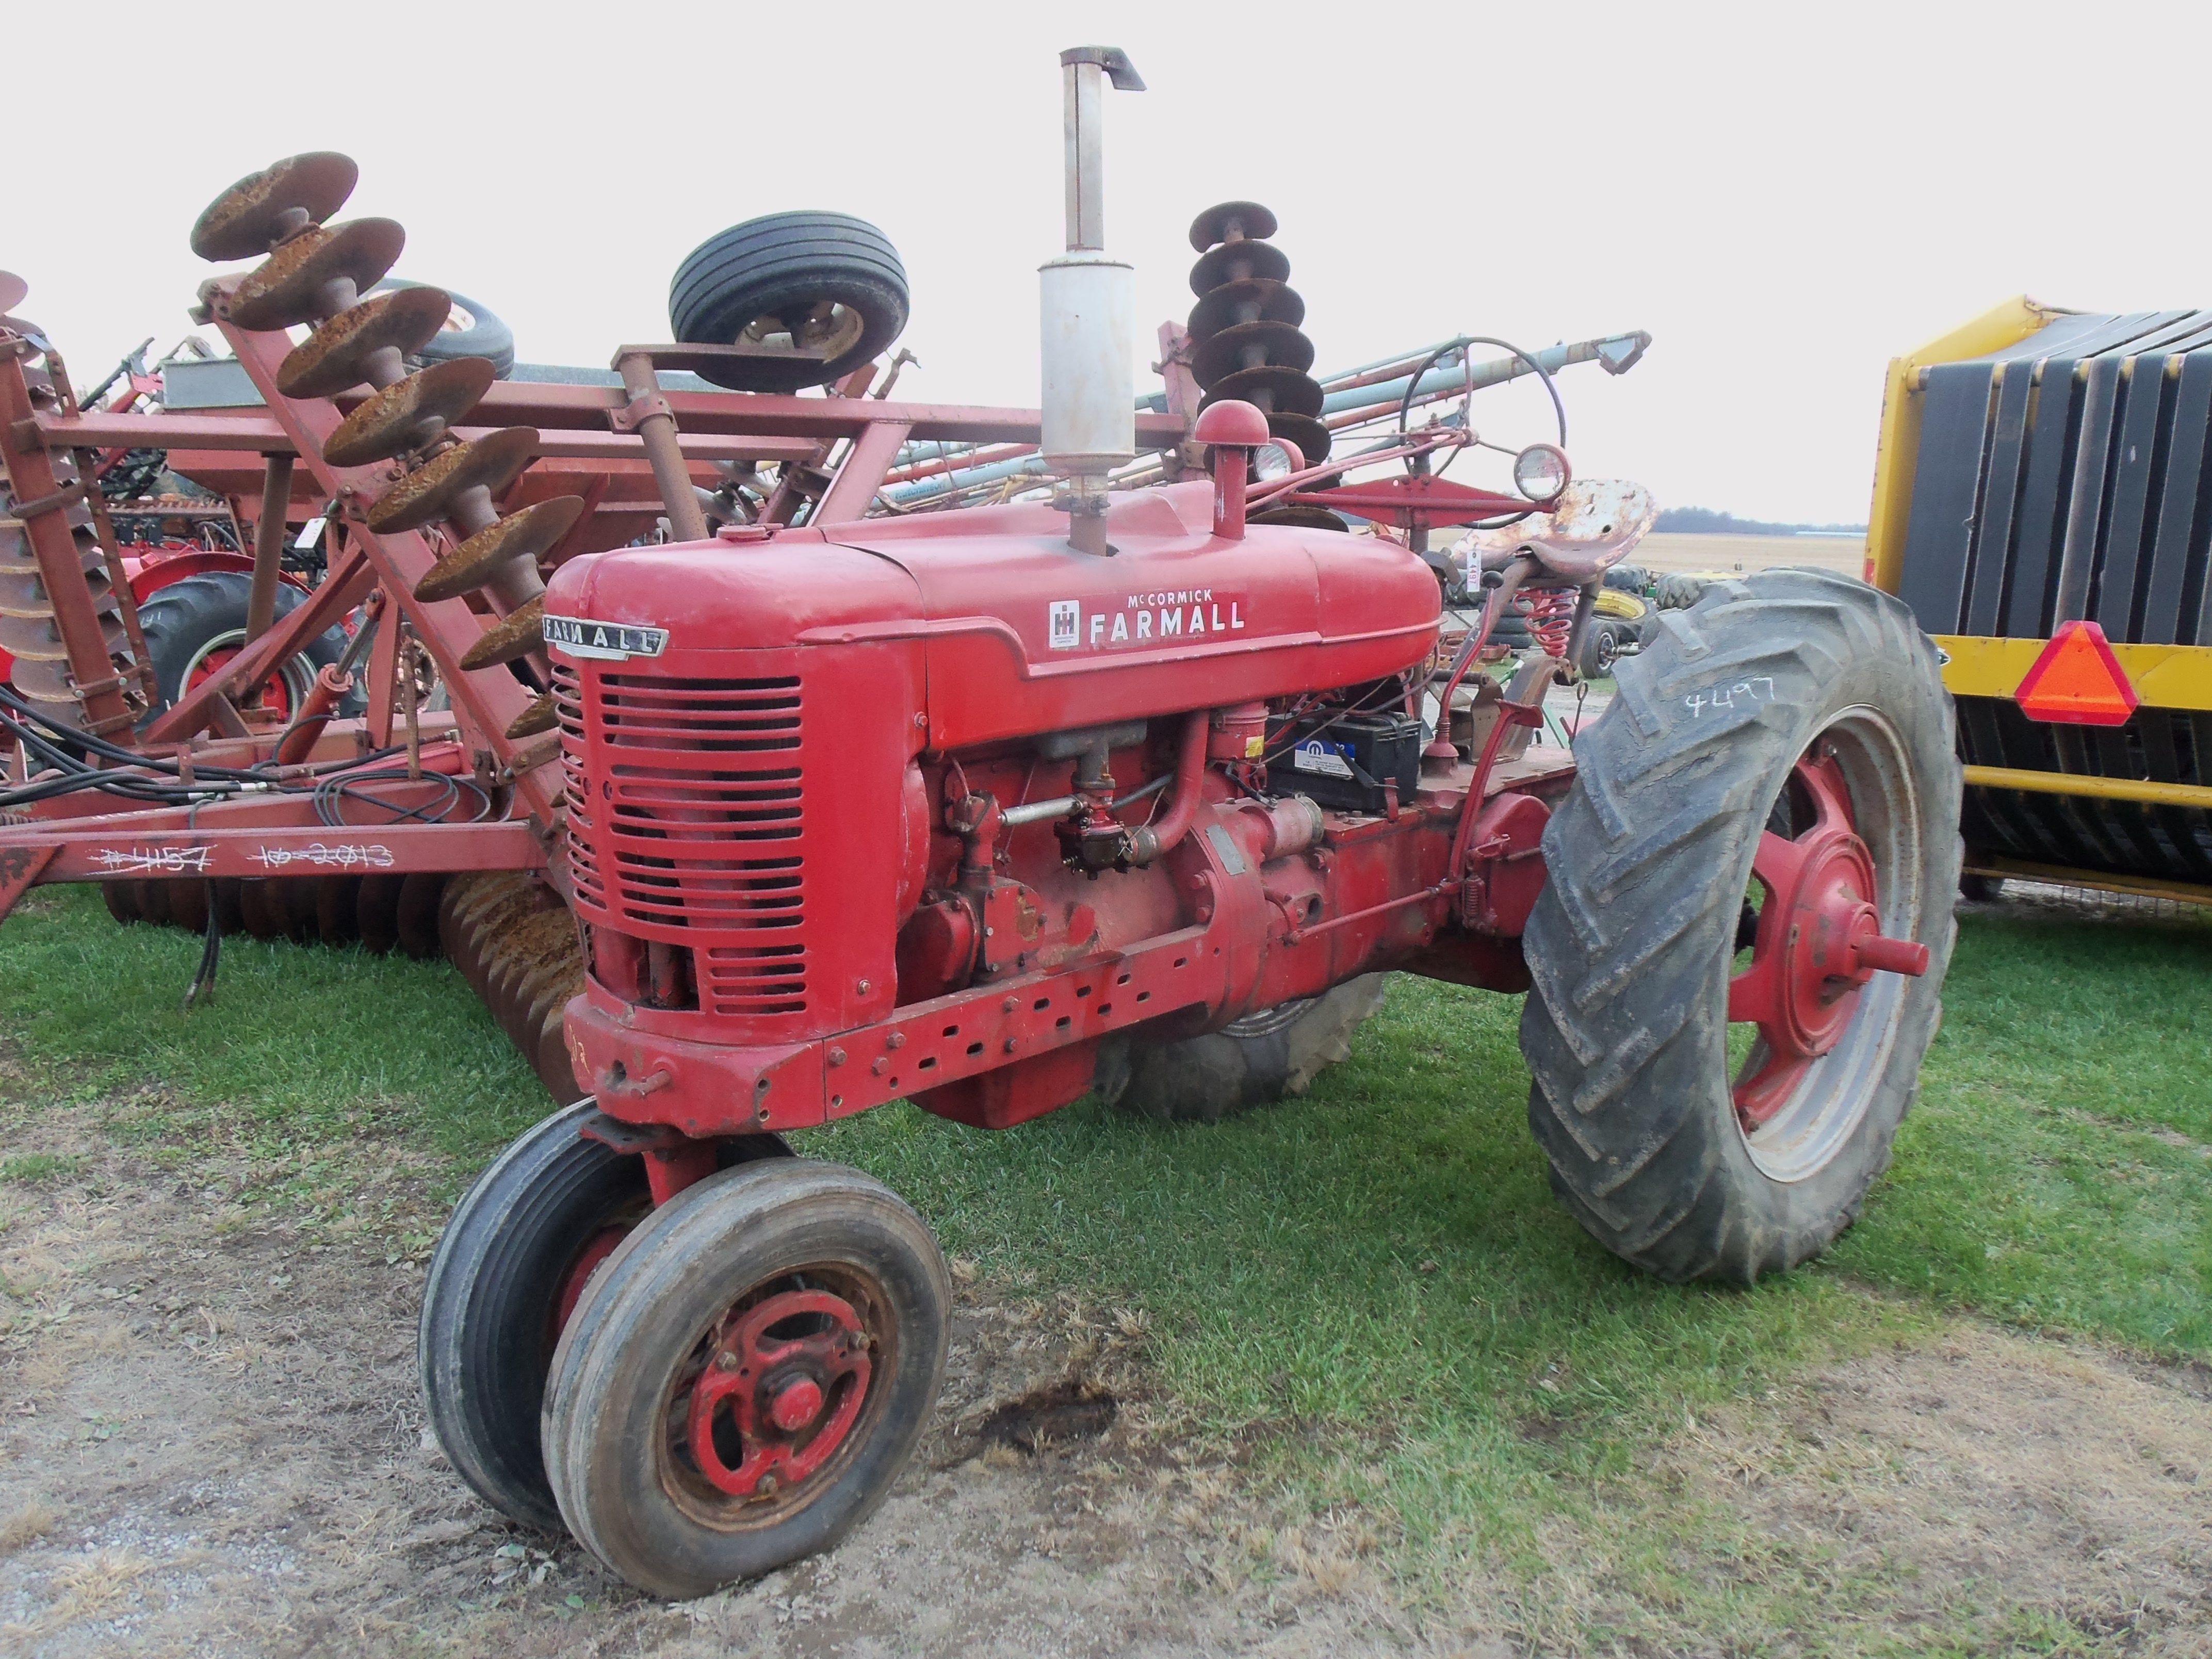 International 444 Parts Diagram Gas Wiring And Ebooks Case Garden Tractor M Engine Binz Sachs Two